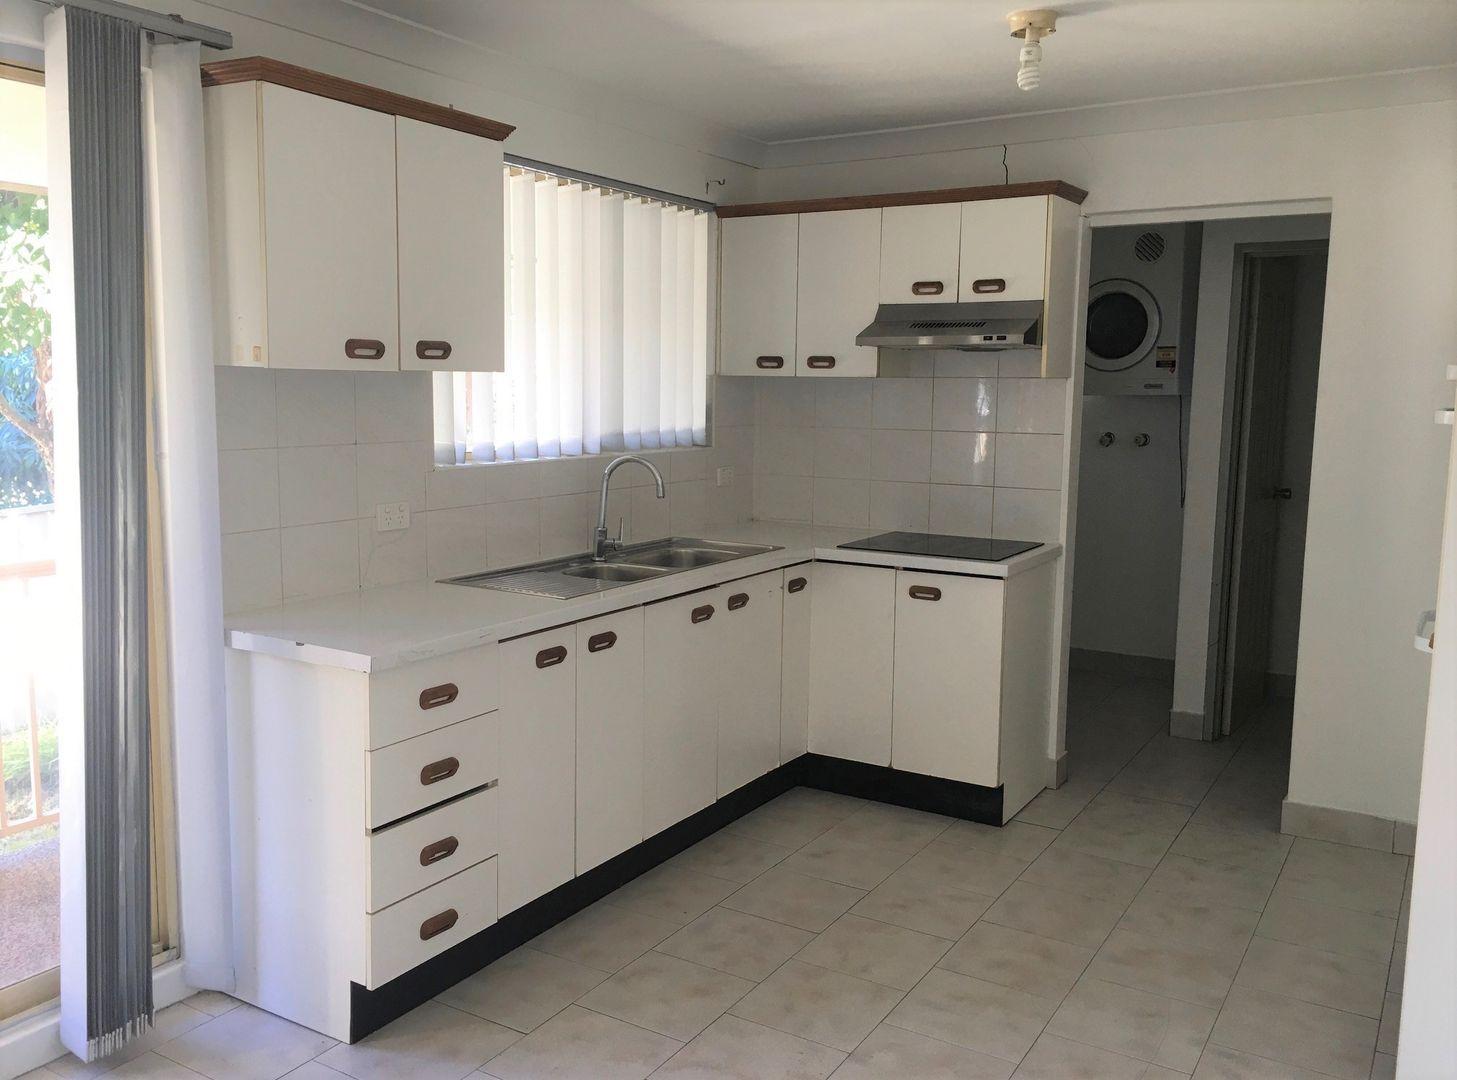 10/83 Little Rd, Yagoona NSW 2199, Image 1